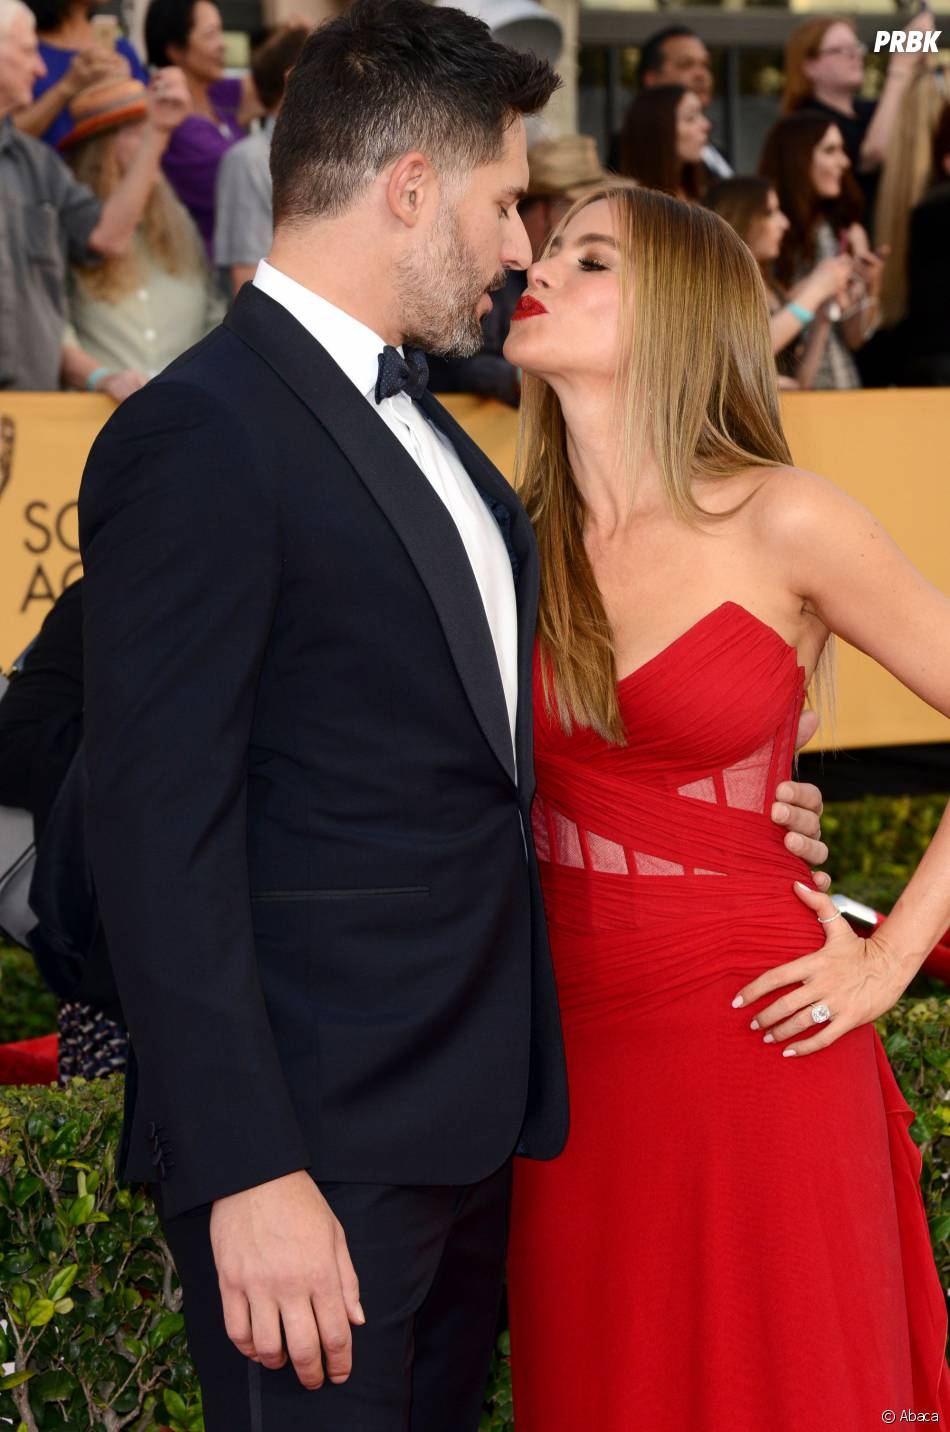 Sofia Vergara et son fiancé Joe Manganiello aux SAG Awards 2015, le 25 janvier 2015 à Los Angeles